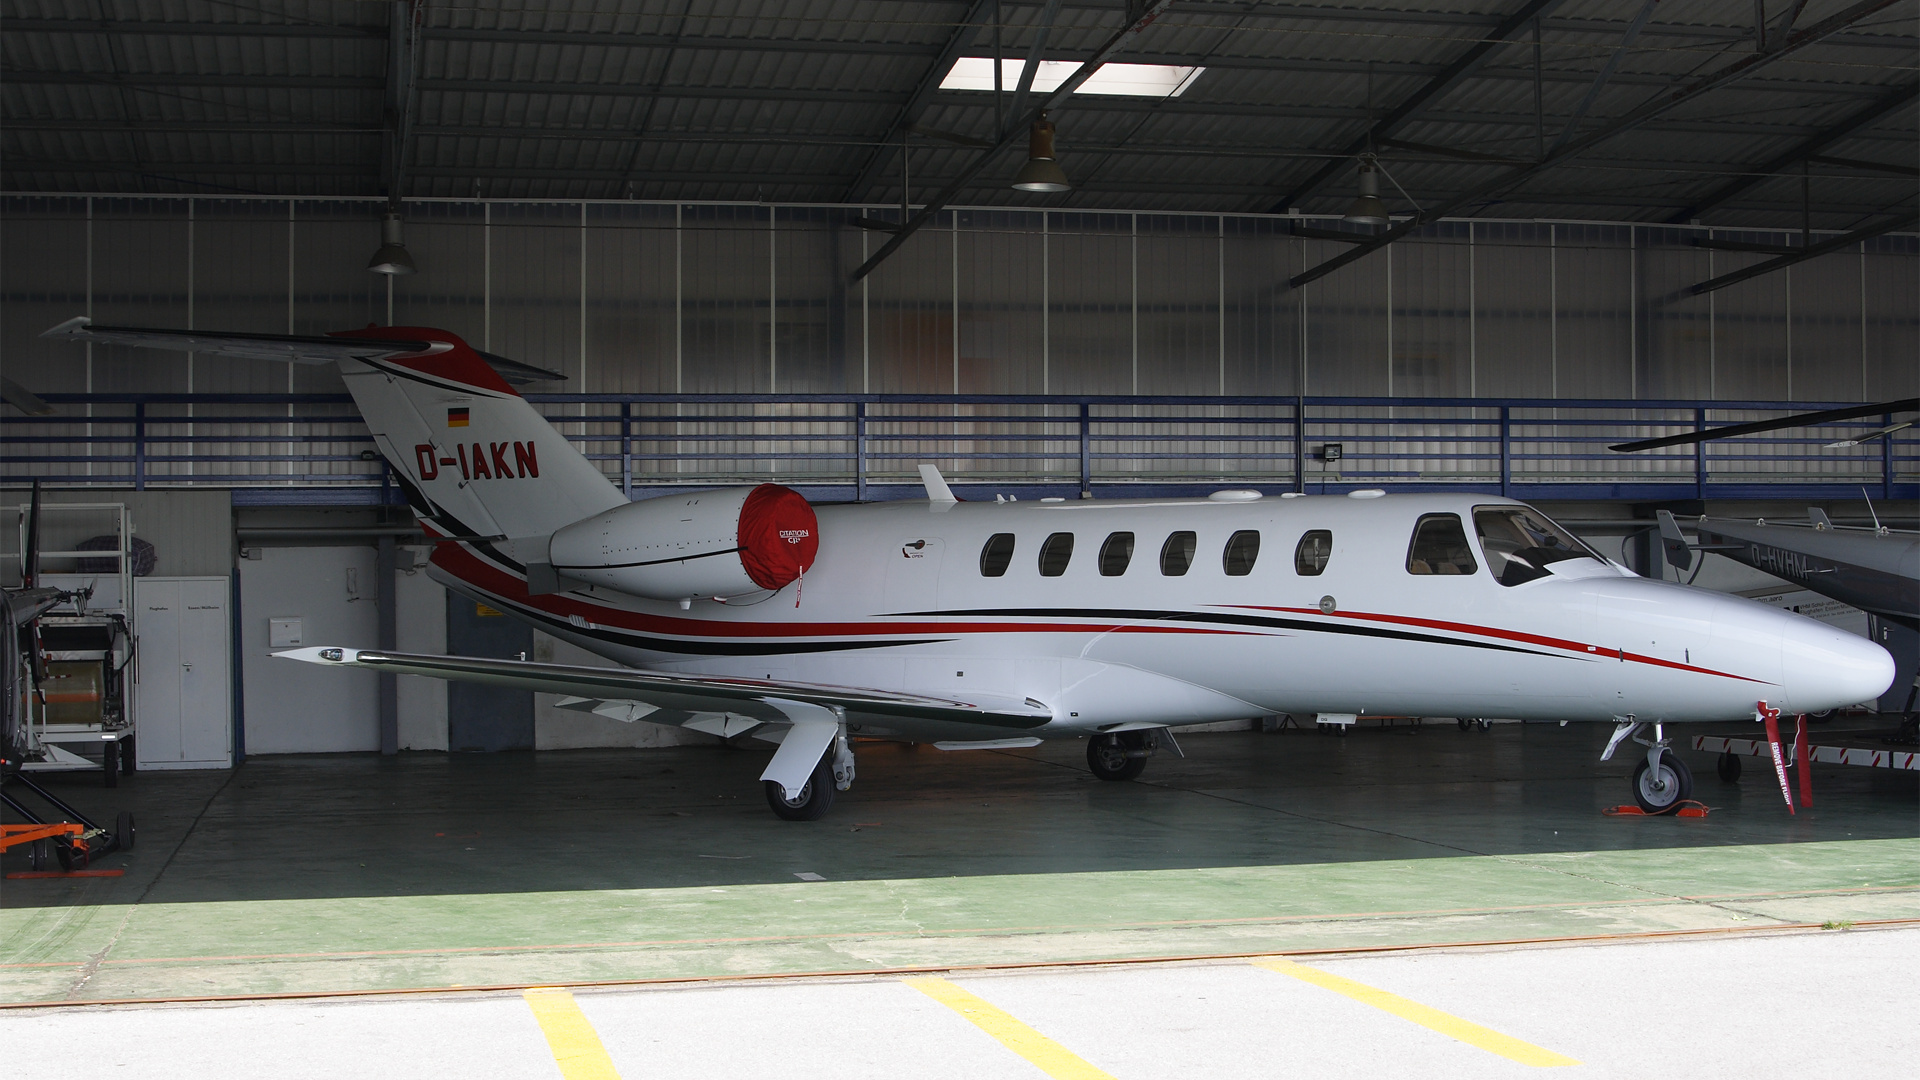 D-IAKN-1 C525 ESS 200808